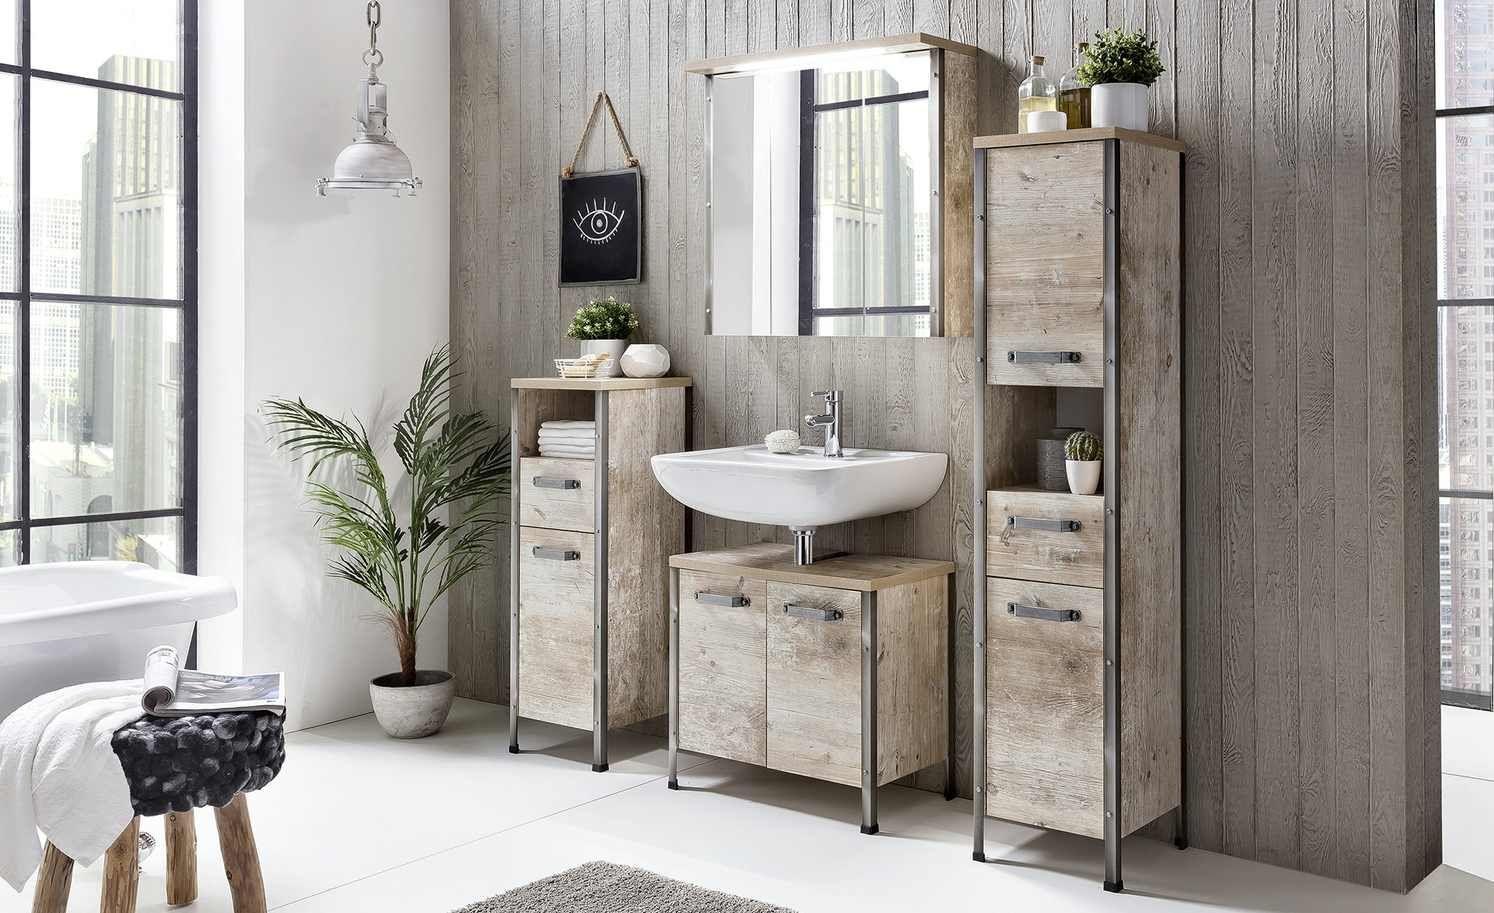 Badkombination Harksee Gefunden Bei Mobel Hoffner In 2020 Badezimmer Holz Badezimmer Badezimmer Innenausstattung